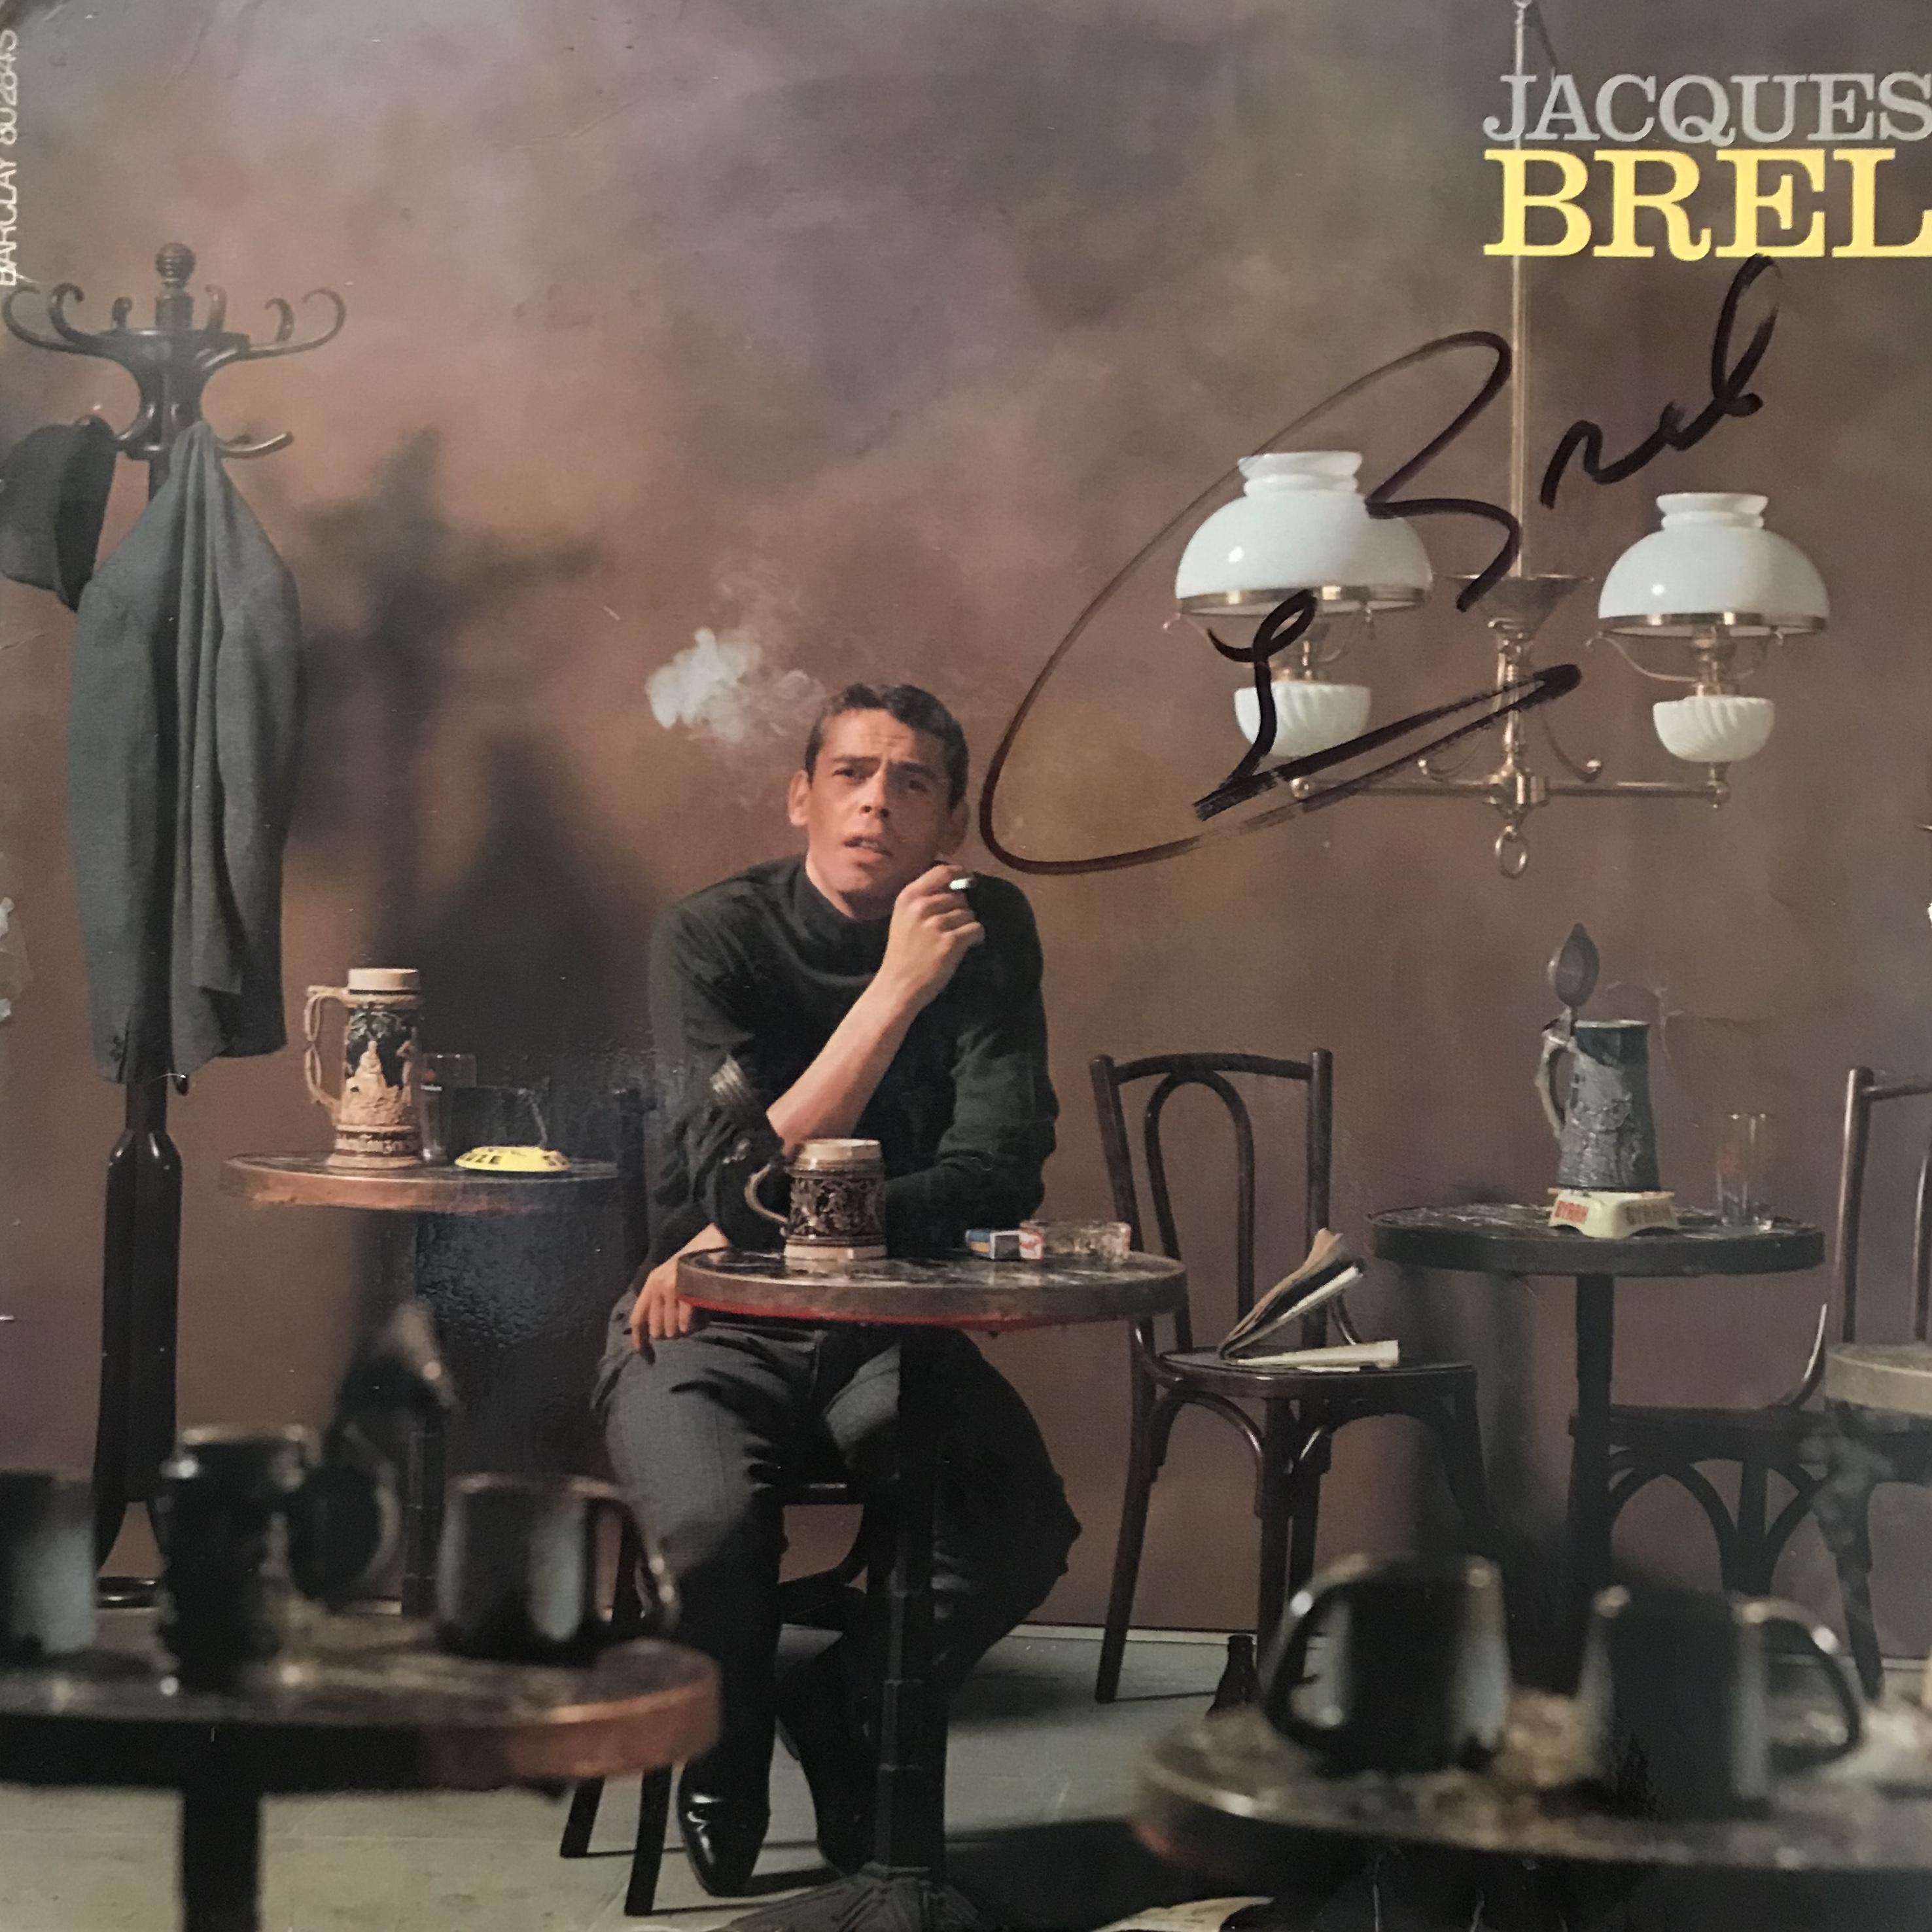 Jacques Brel, Autographed Ces Gens La